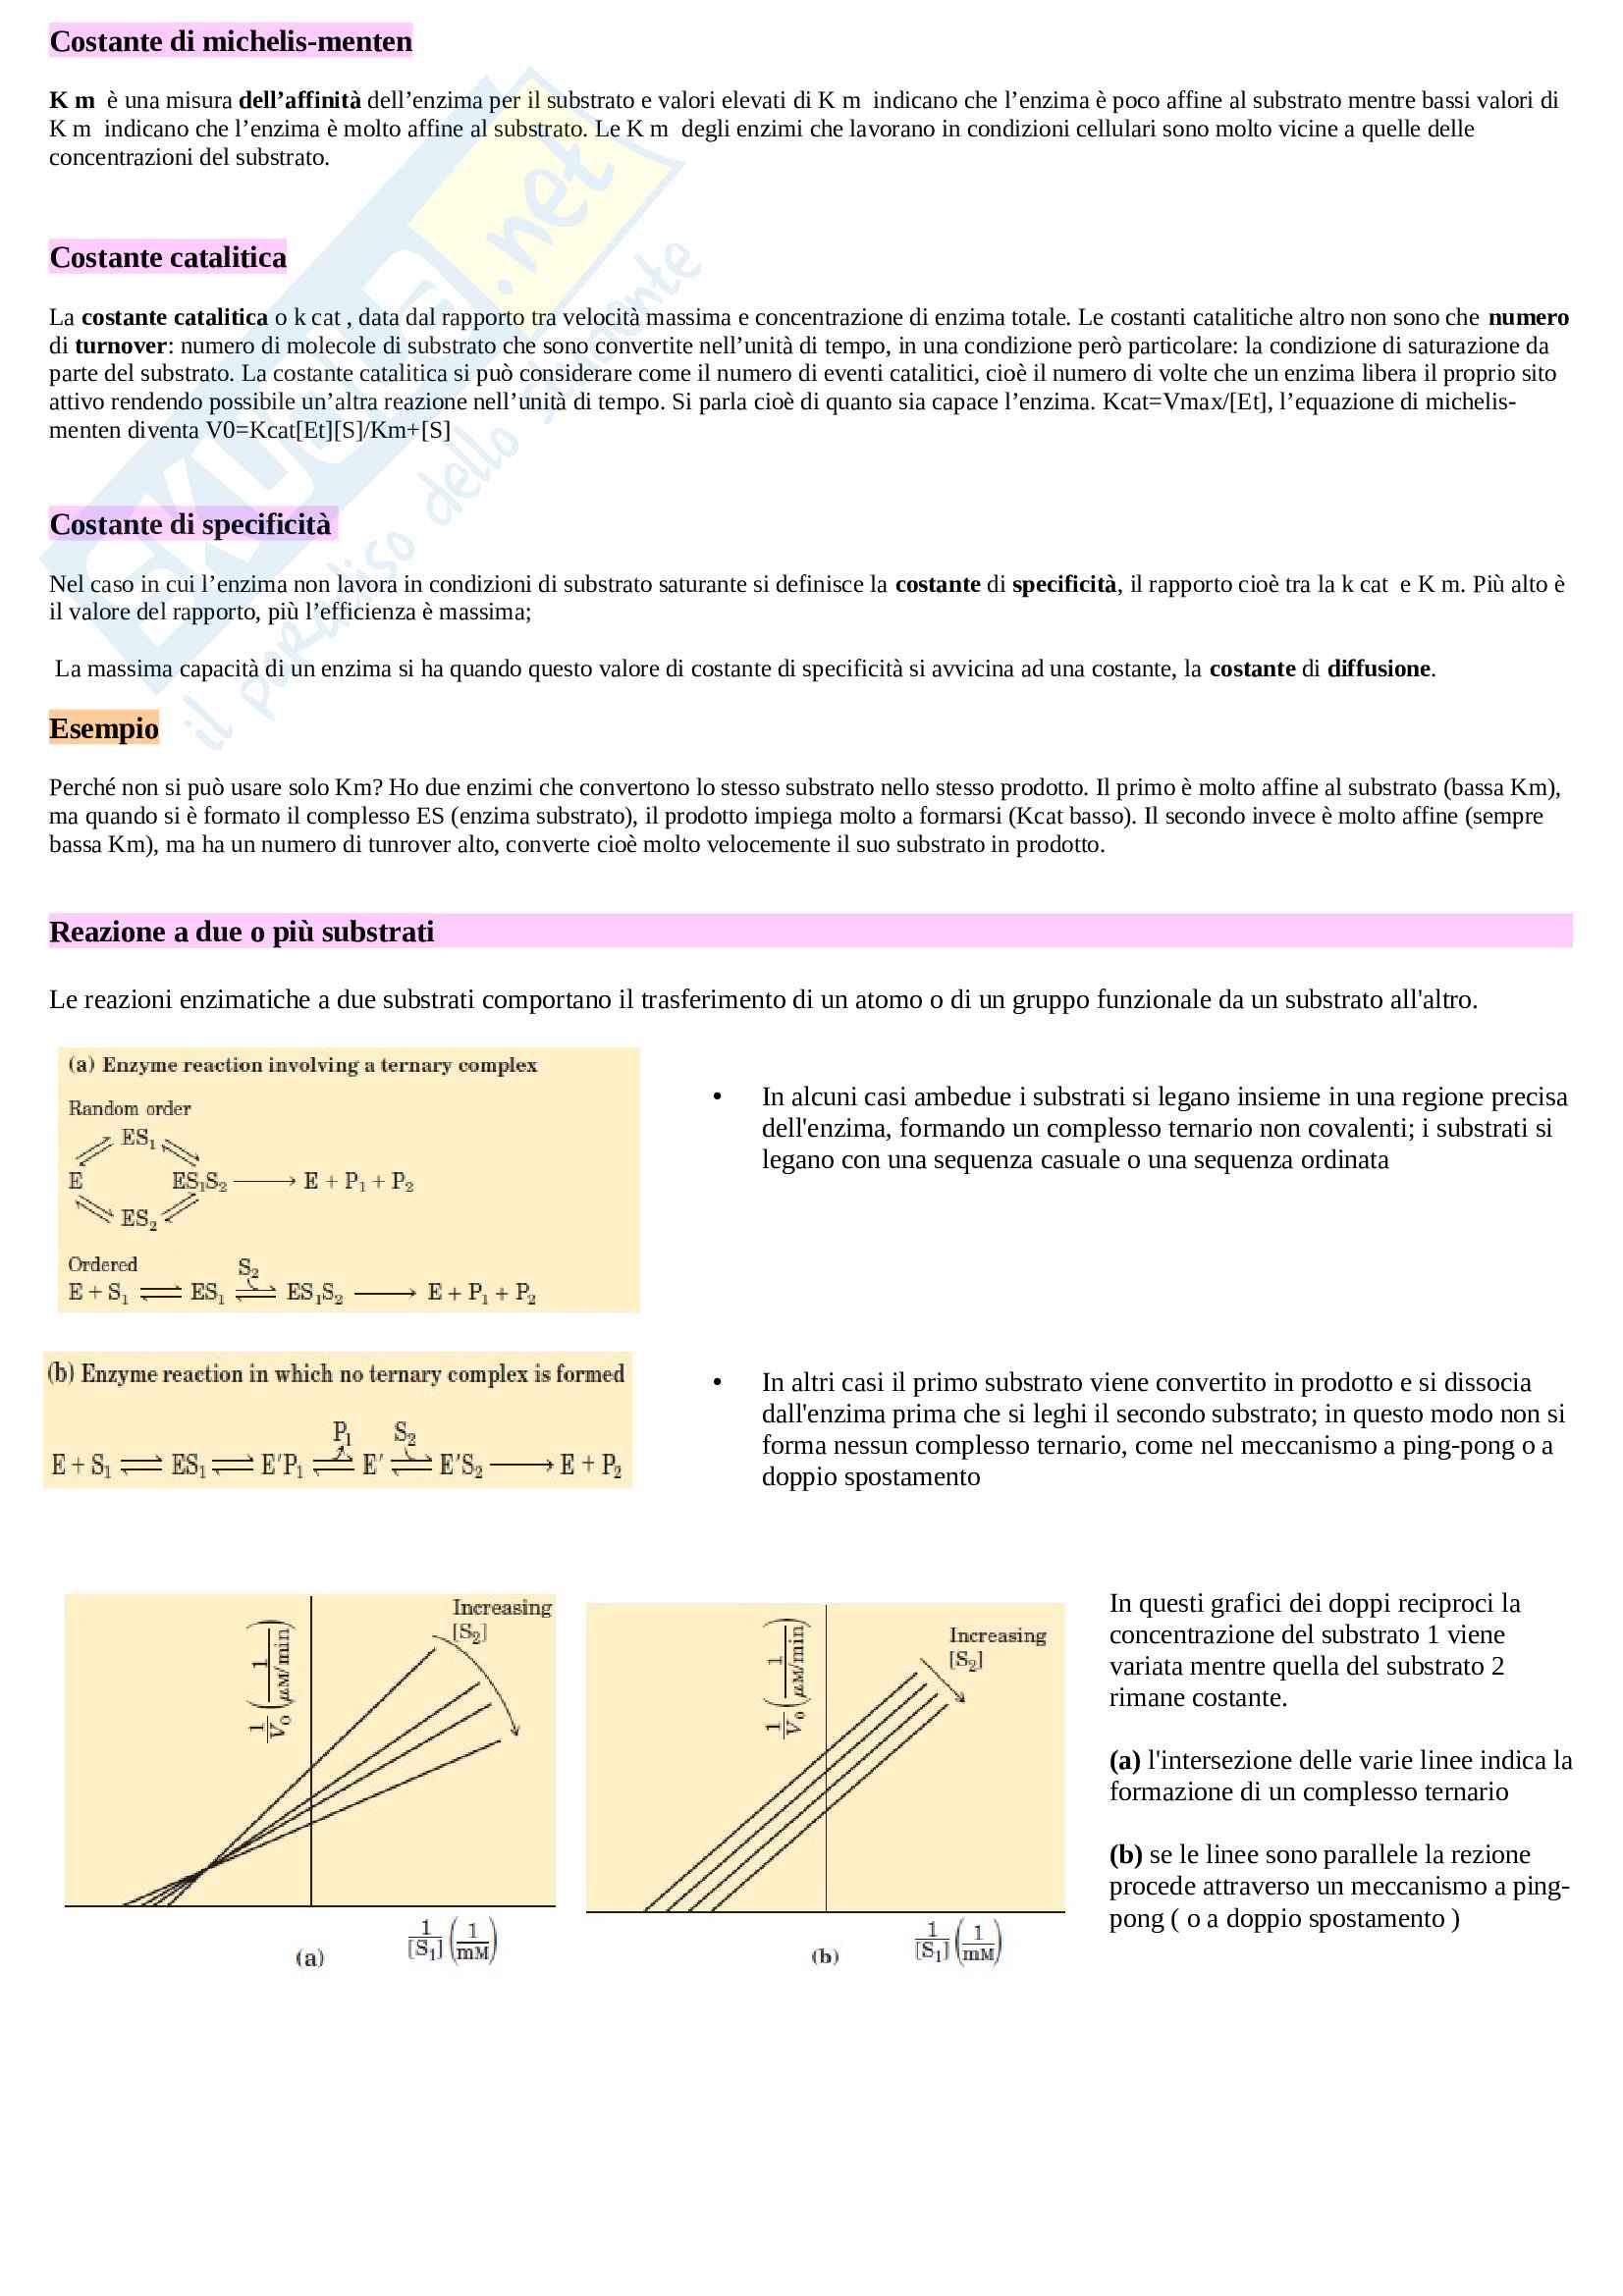 """Appunti biochimica umana, testo di riferimento """"Principi di biochimica di Lehninger"""" Pag. 16"""